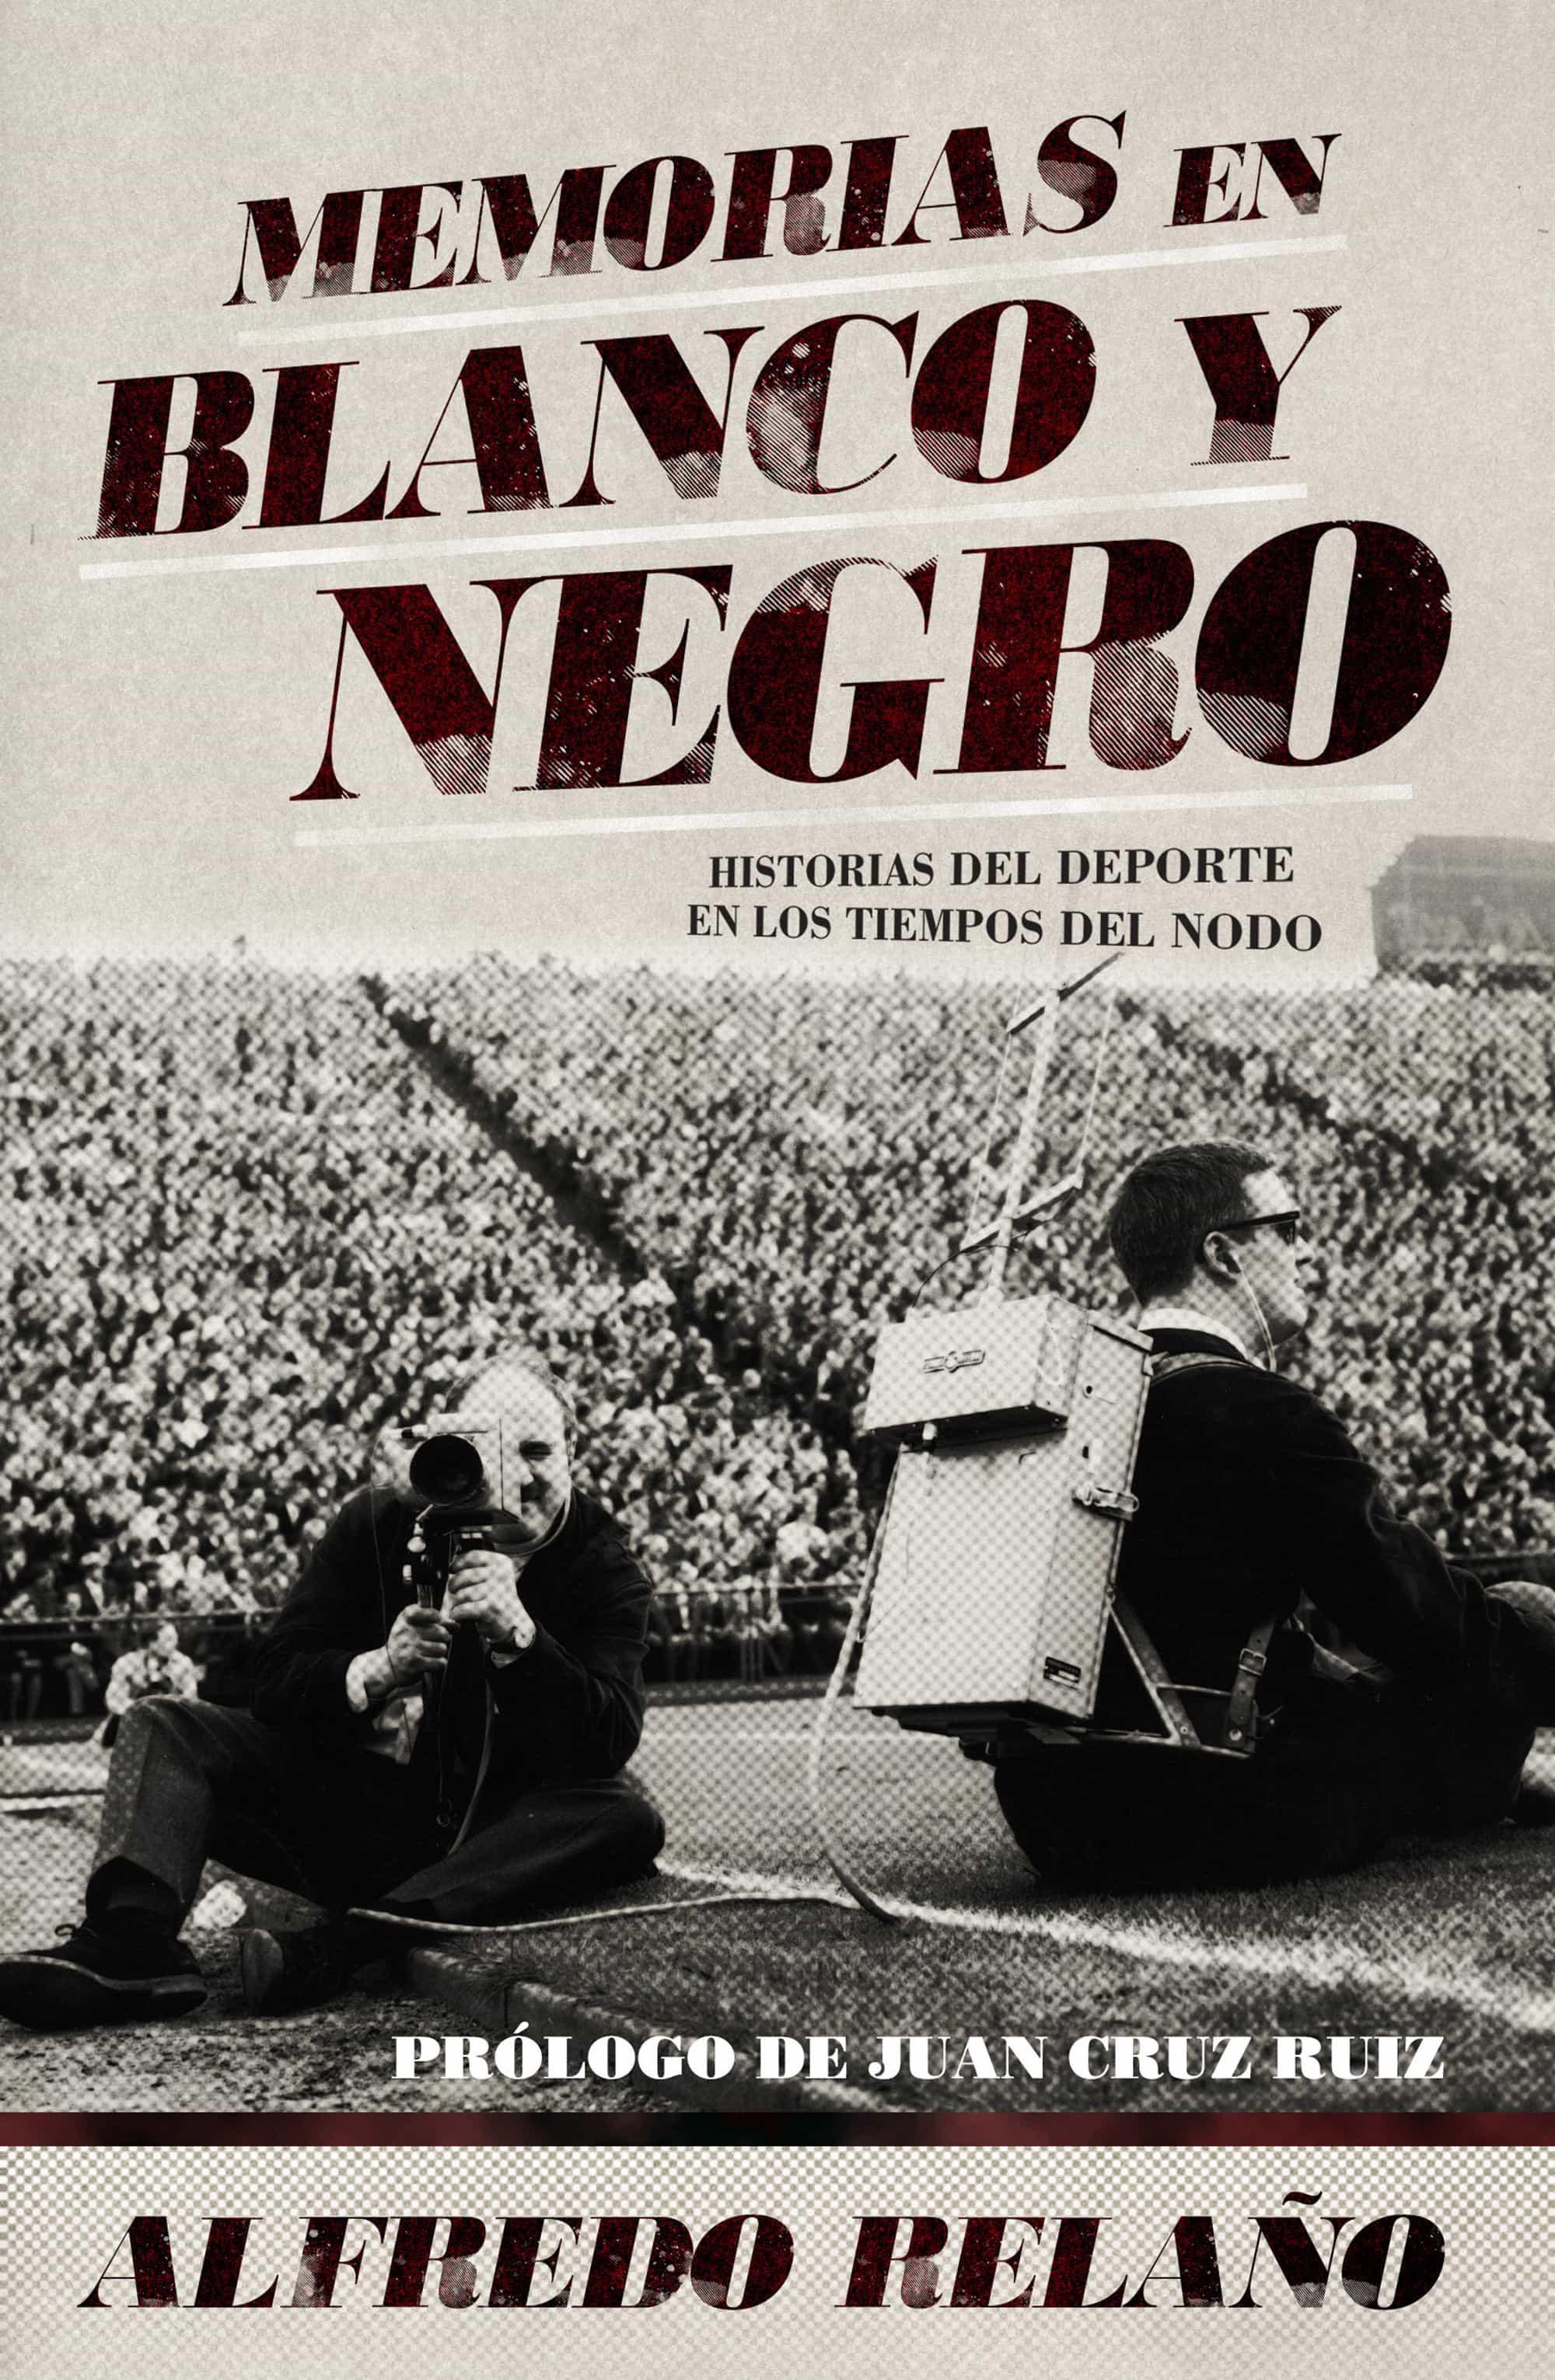 Memorias En Blanco Y Negro   por Alfredo Relaño